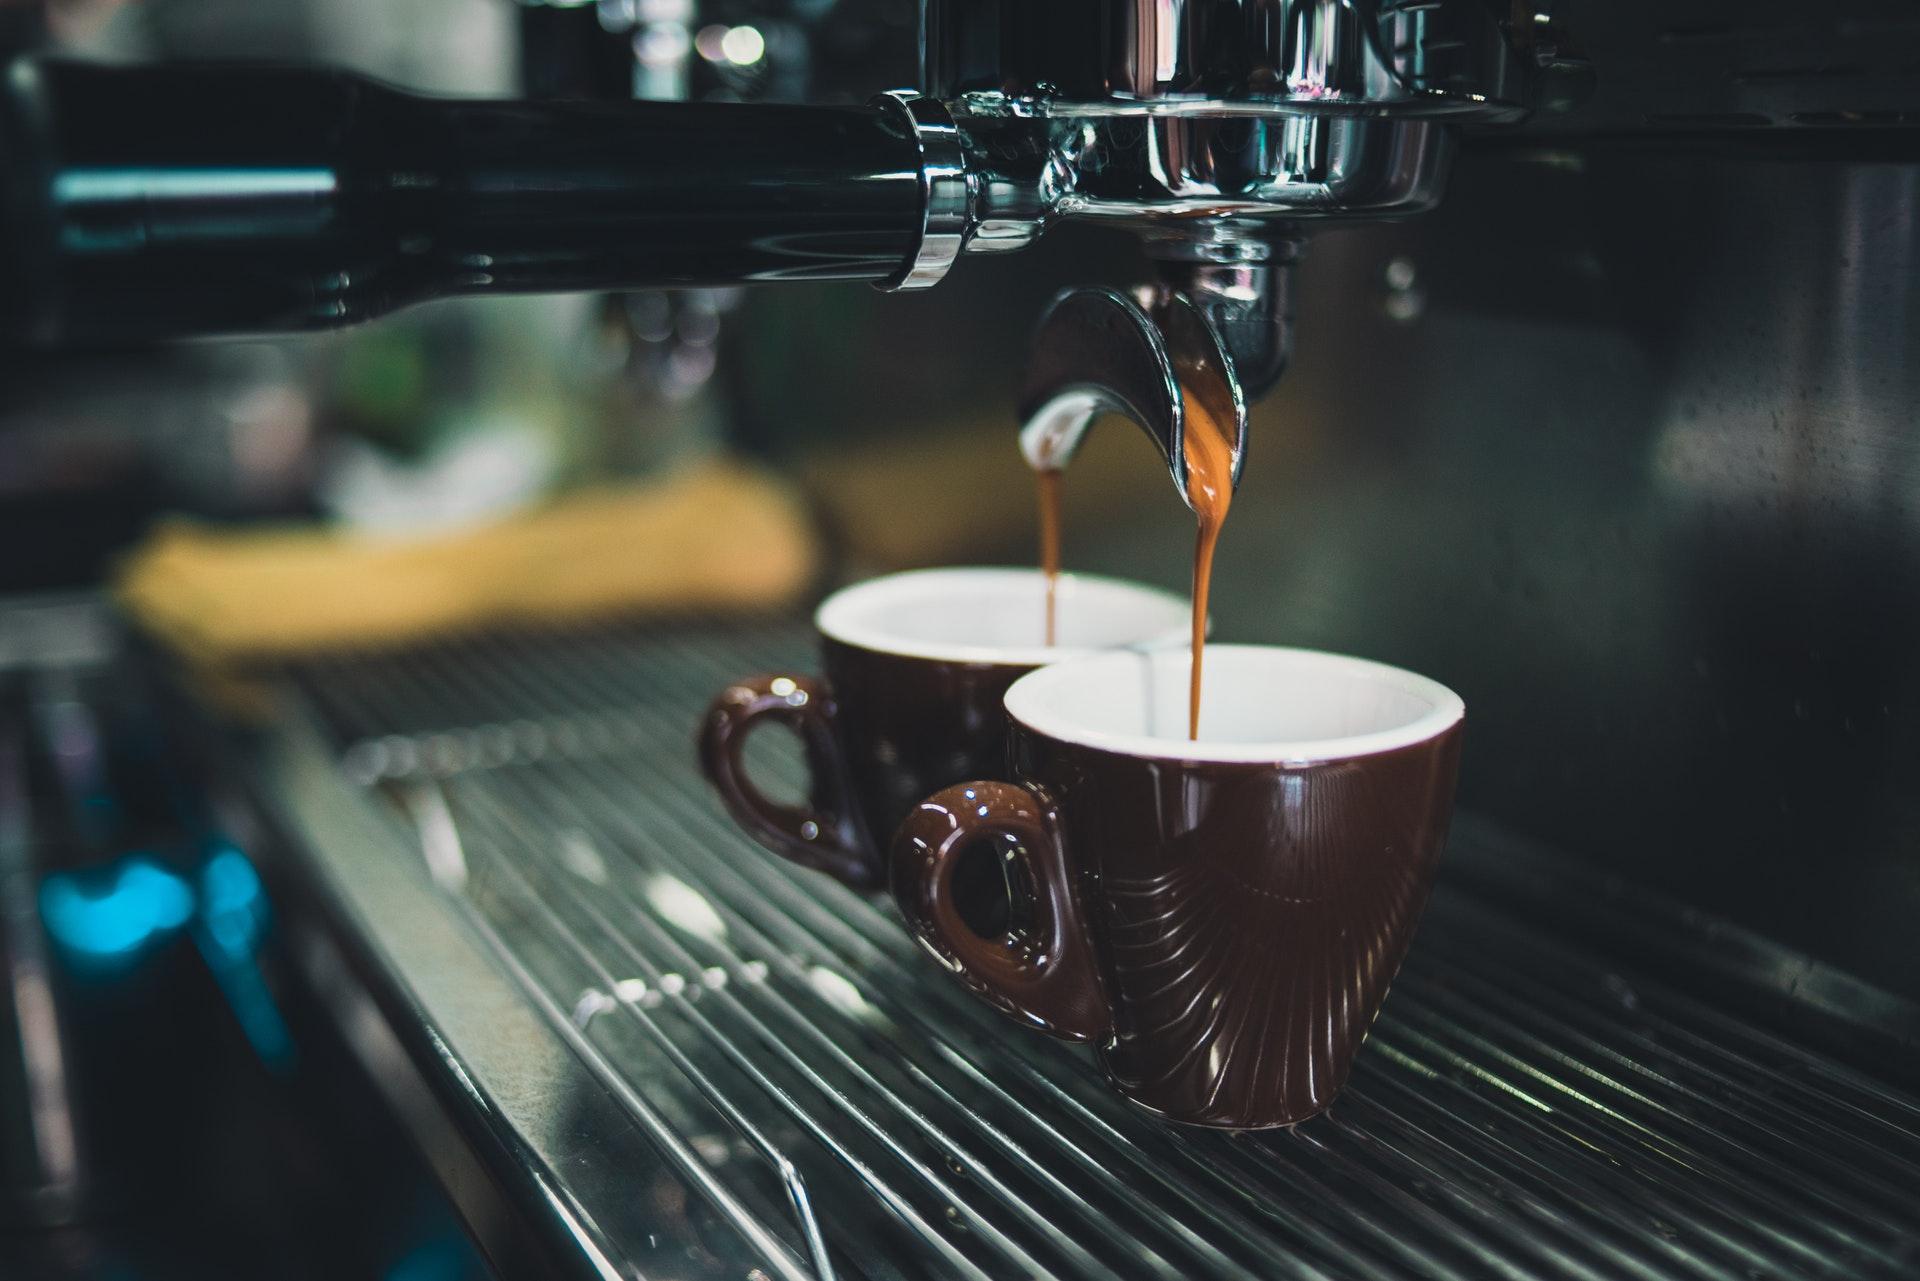 Диетолог Залетова: люди с высоким давлением могут заменить кофе на цикорий